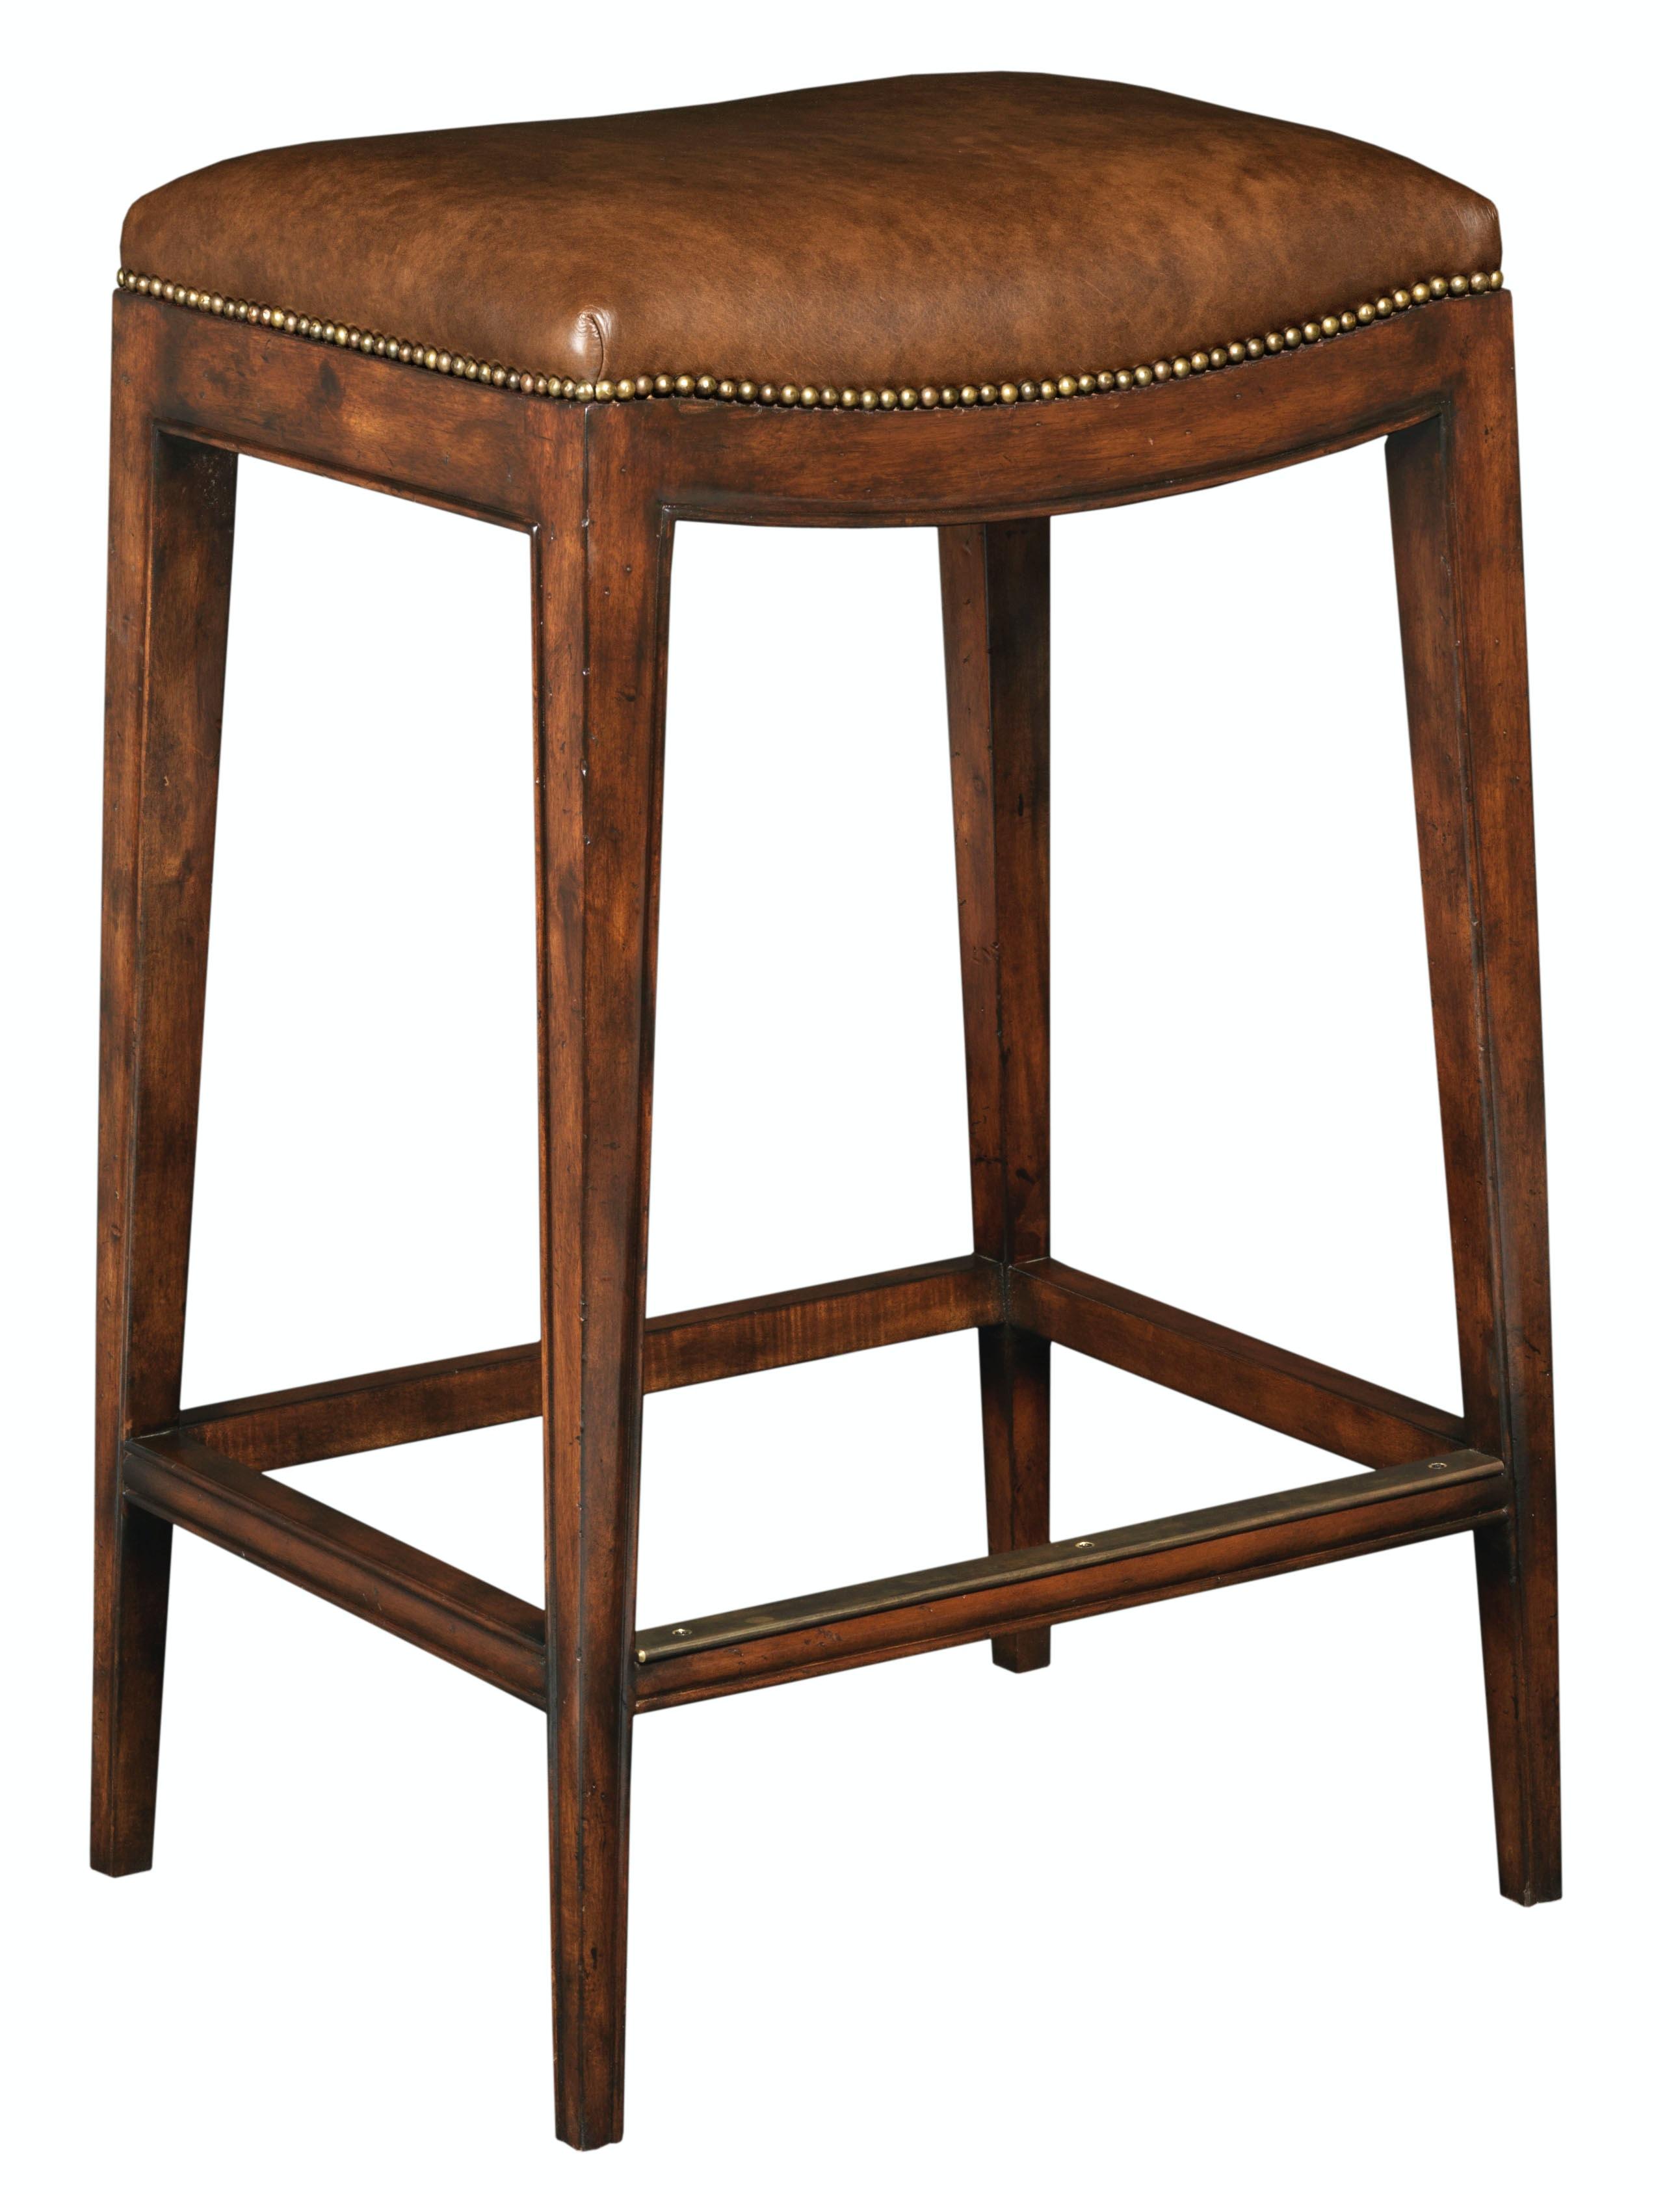 Woodbridge Furniture 7201 10 7202 10 Dining Room Stool